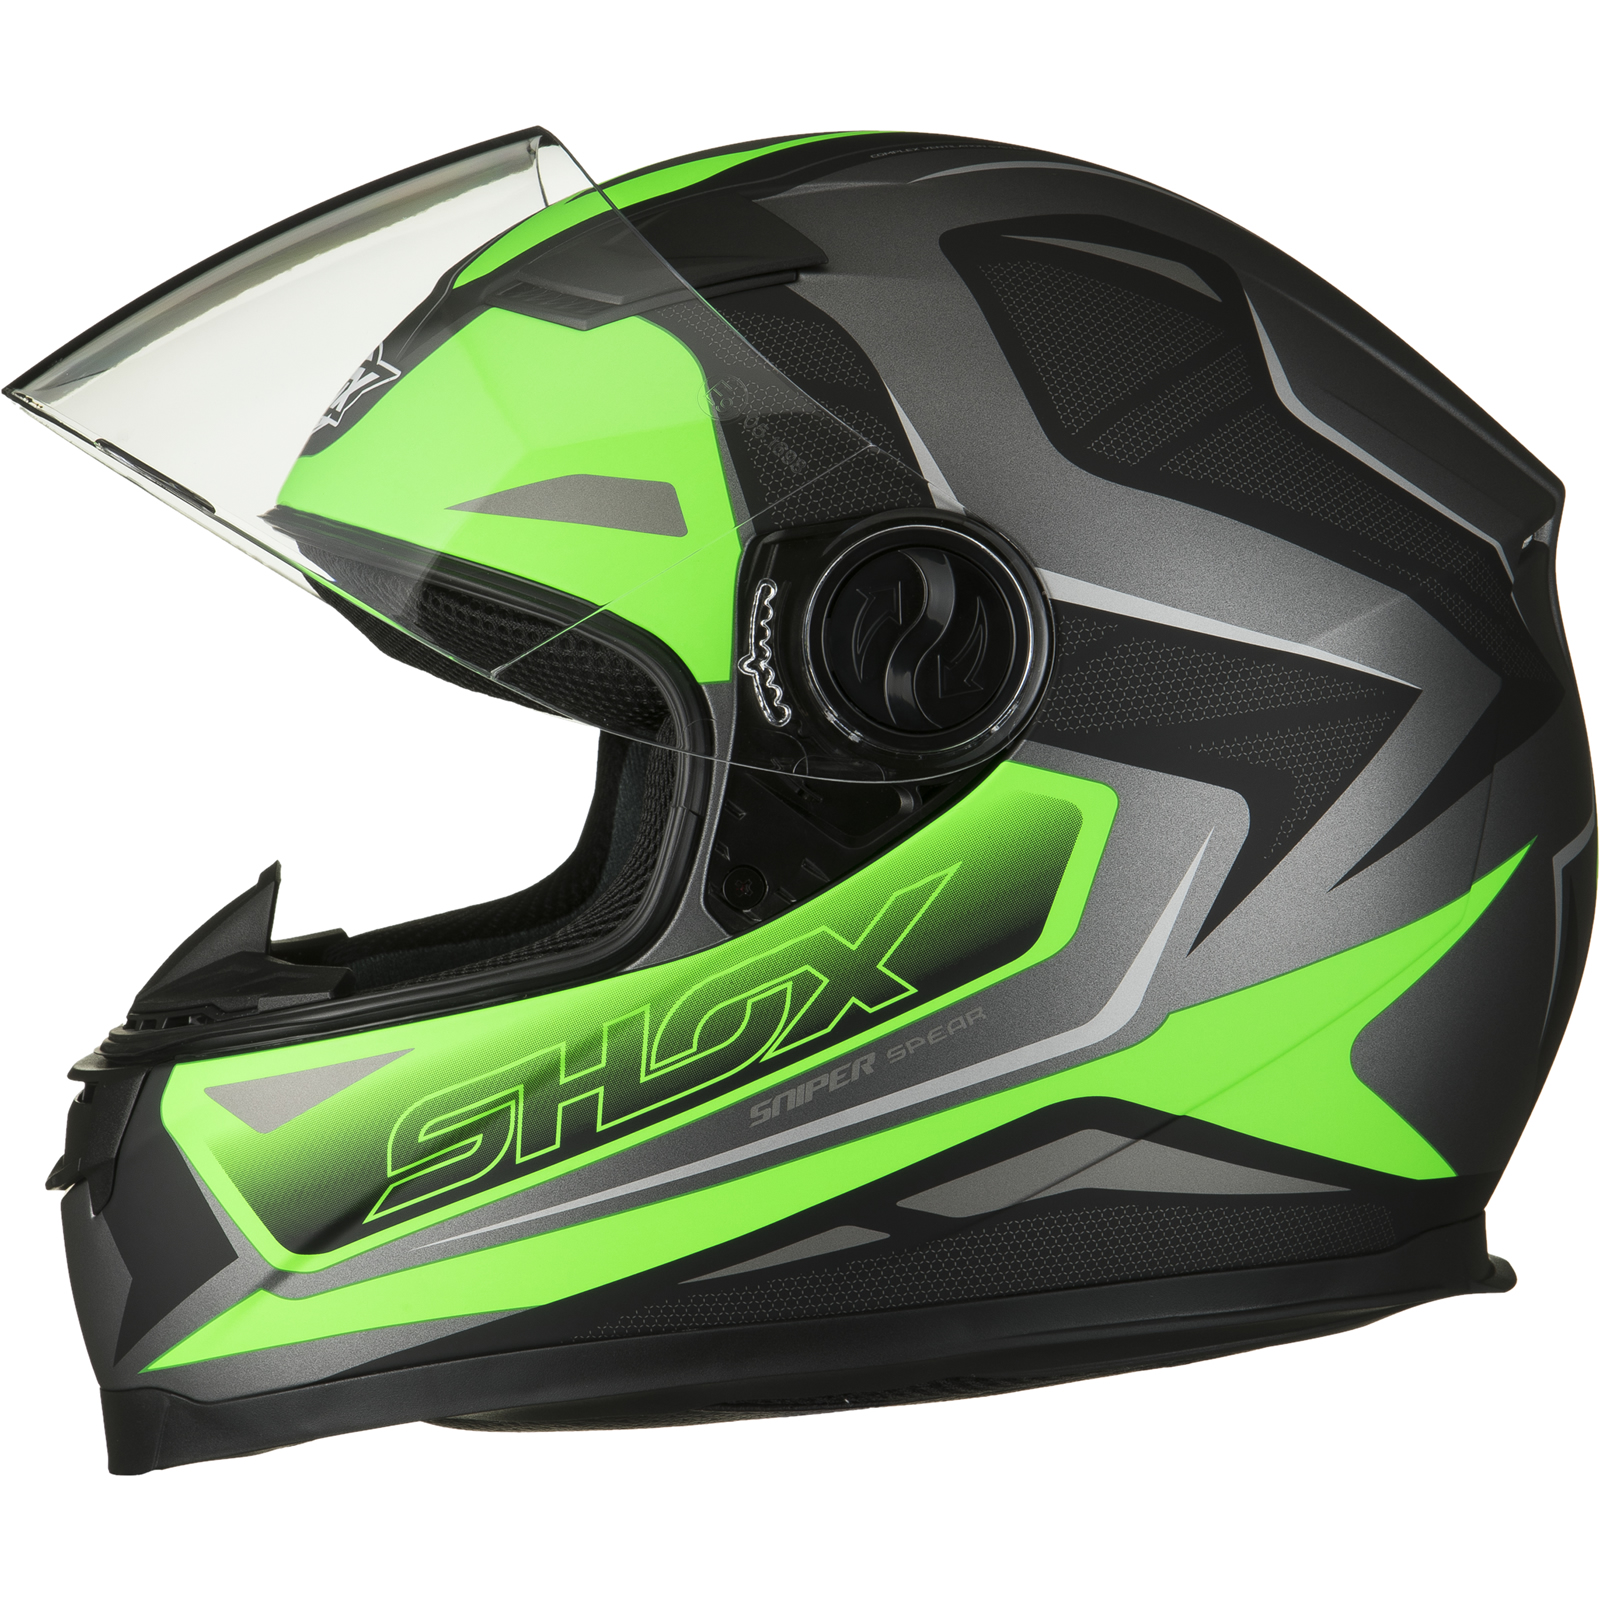 Shox Sniper Spear Motorrad Helm